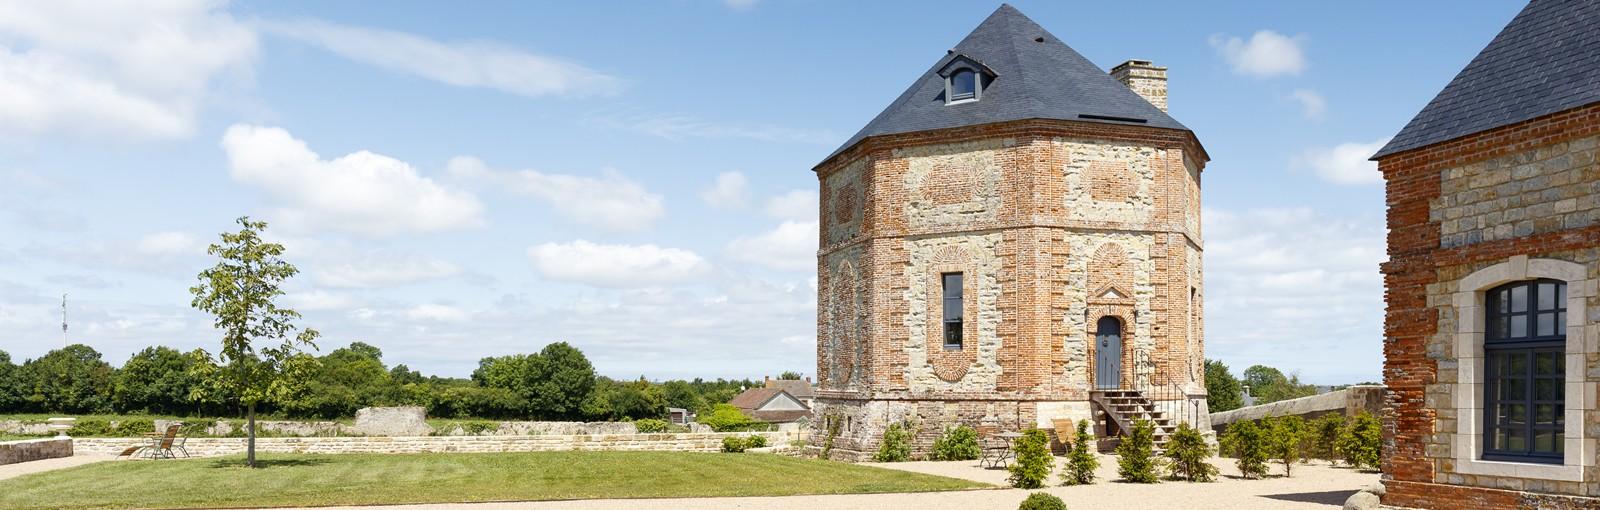 Tours Une semaine en Normandie - baie du Cotentin - Séjours - Nos Séjours et Circuits Privés - En famille ou groupes d'amis